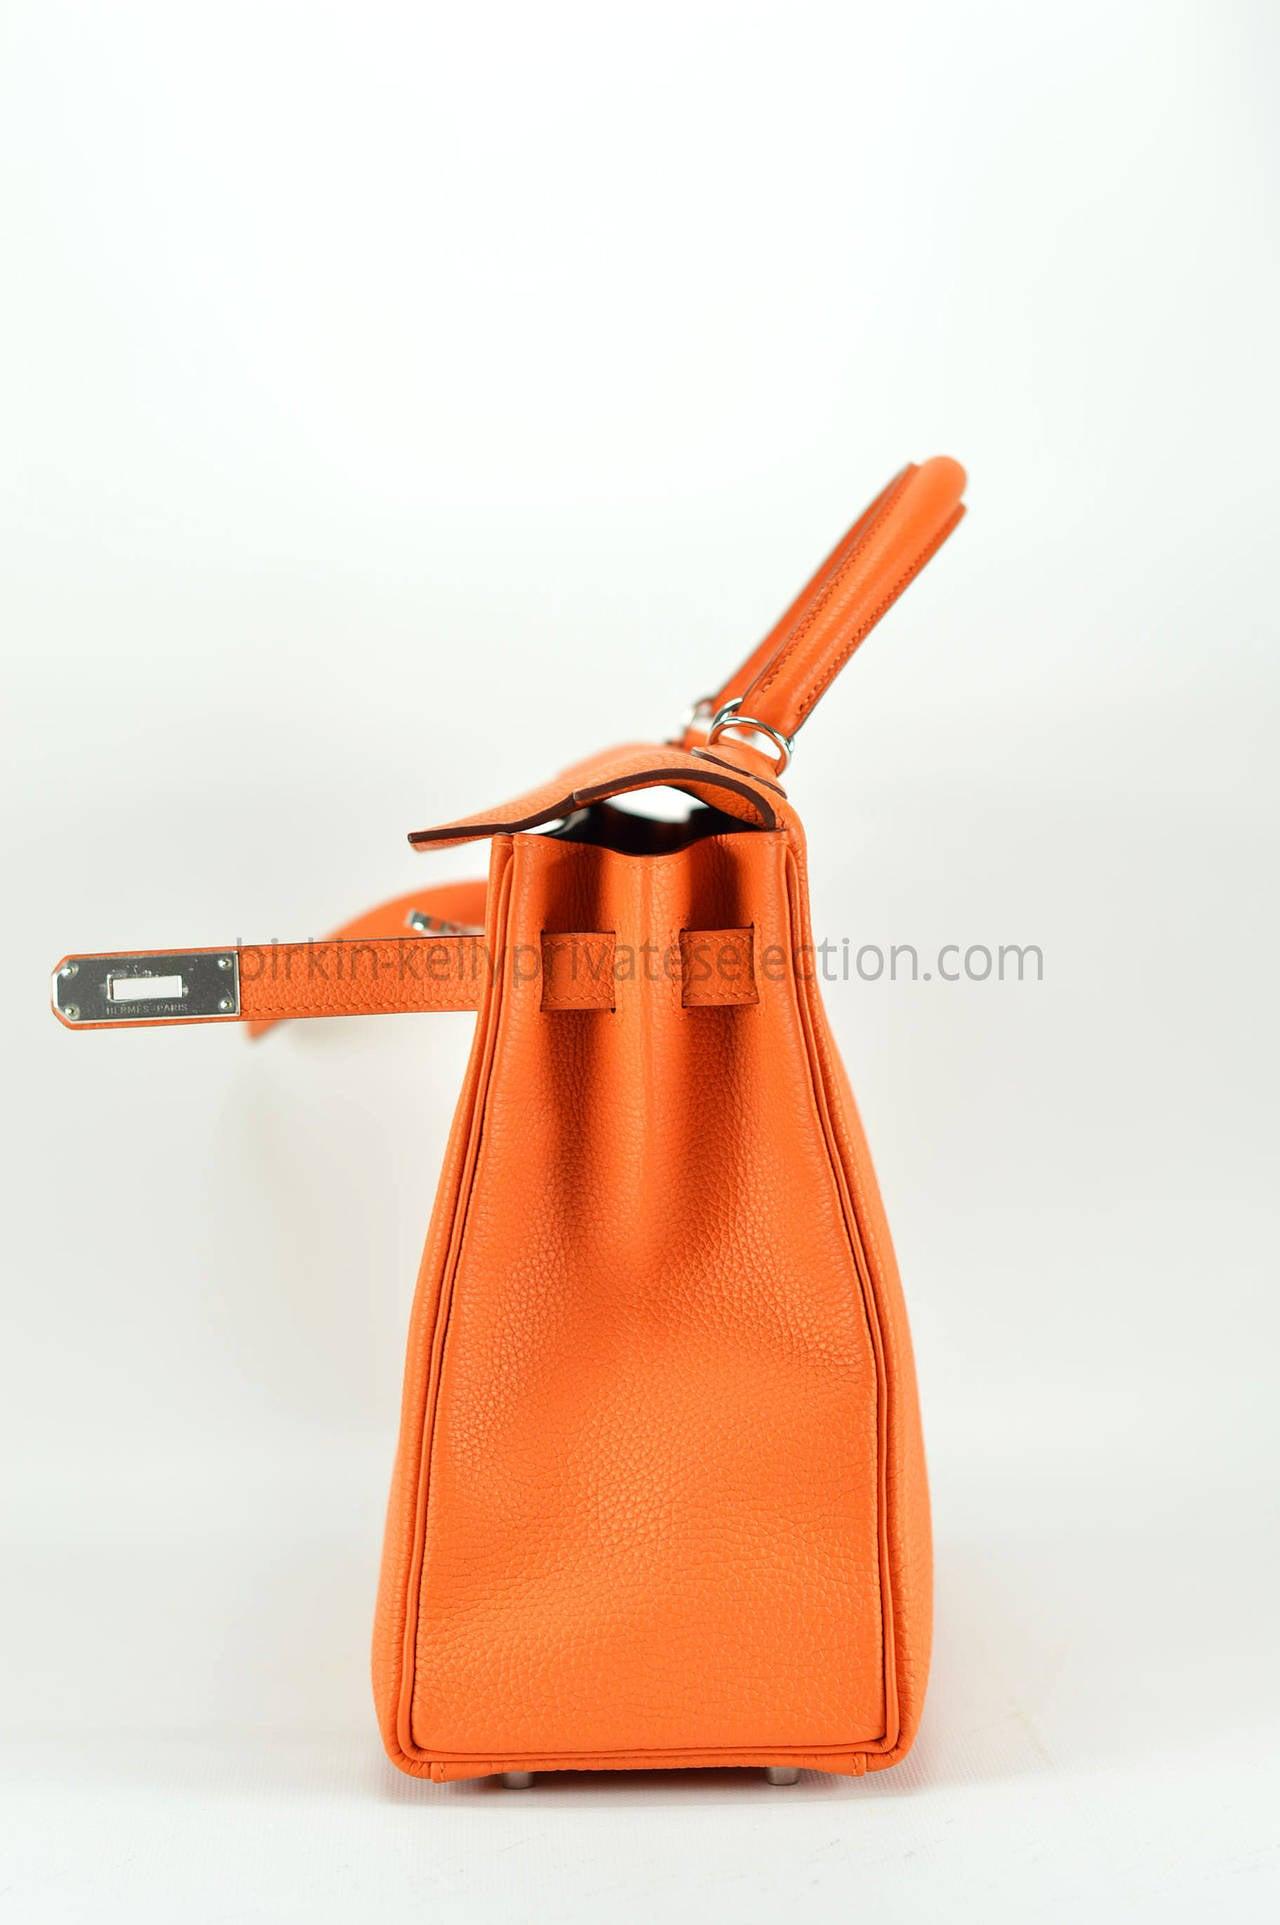 HERMES Handbag KELLY II RETOURNE 32 Orange Palladium Hardware 2015 ...